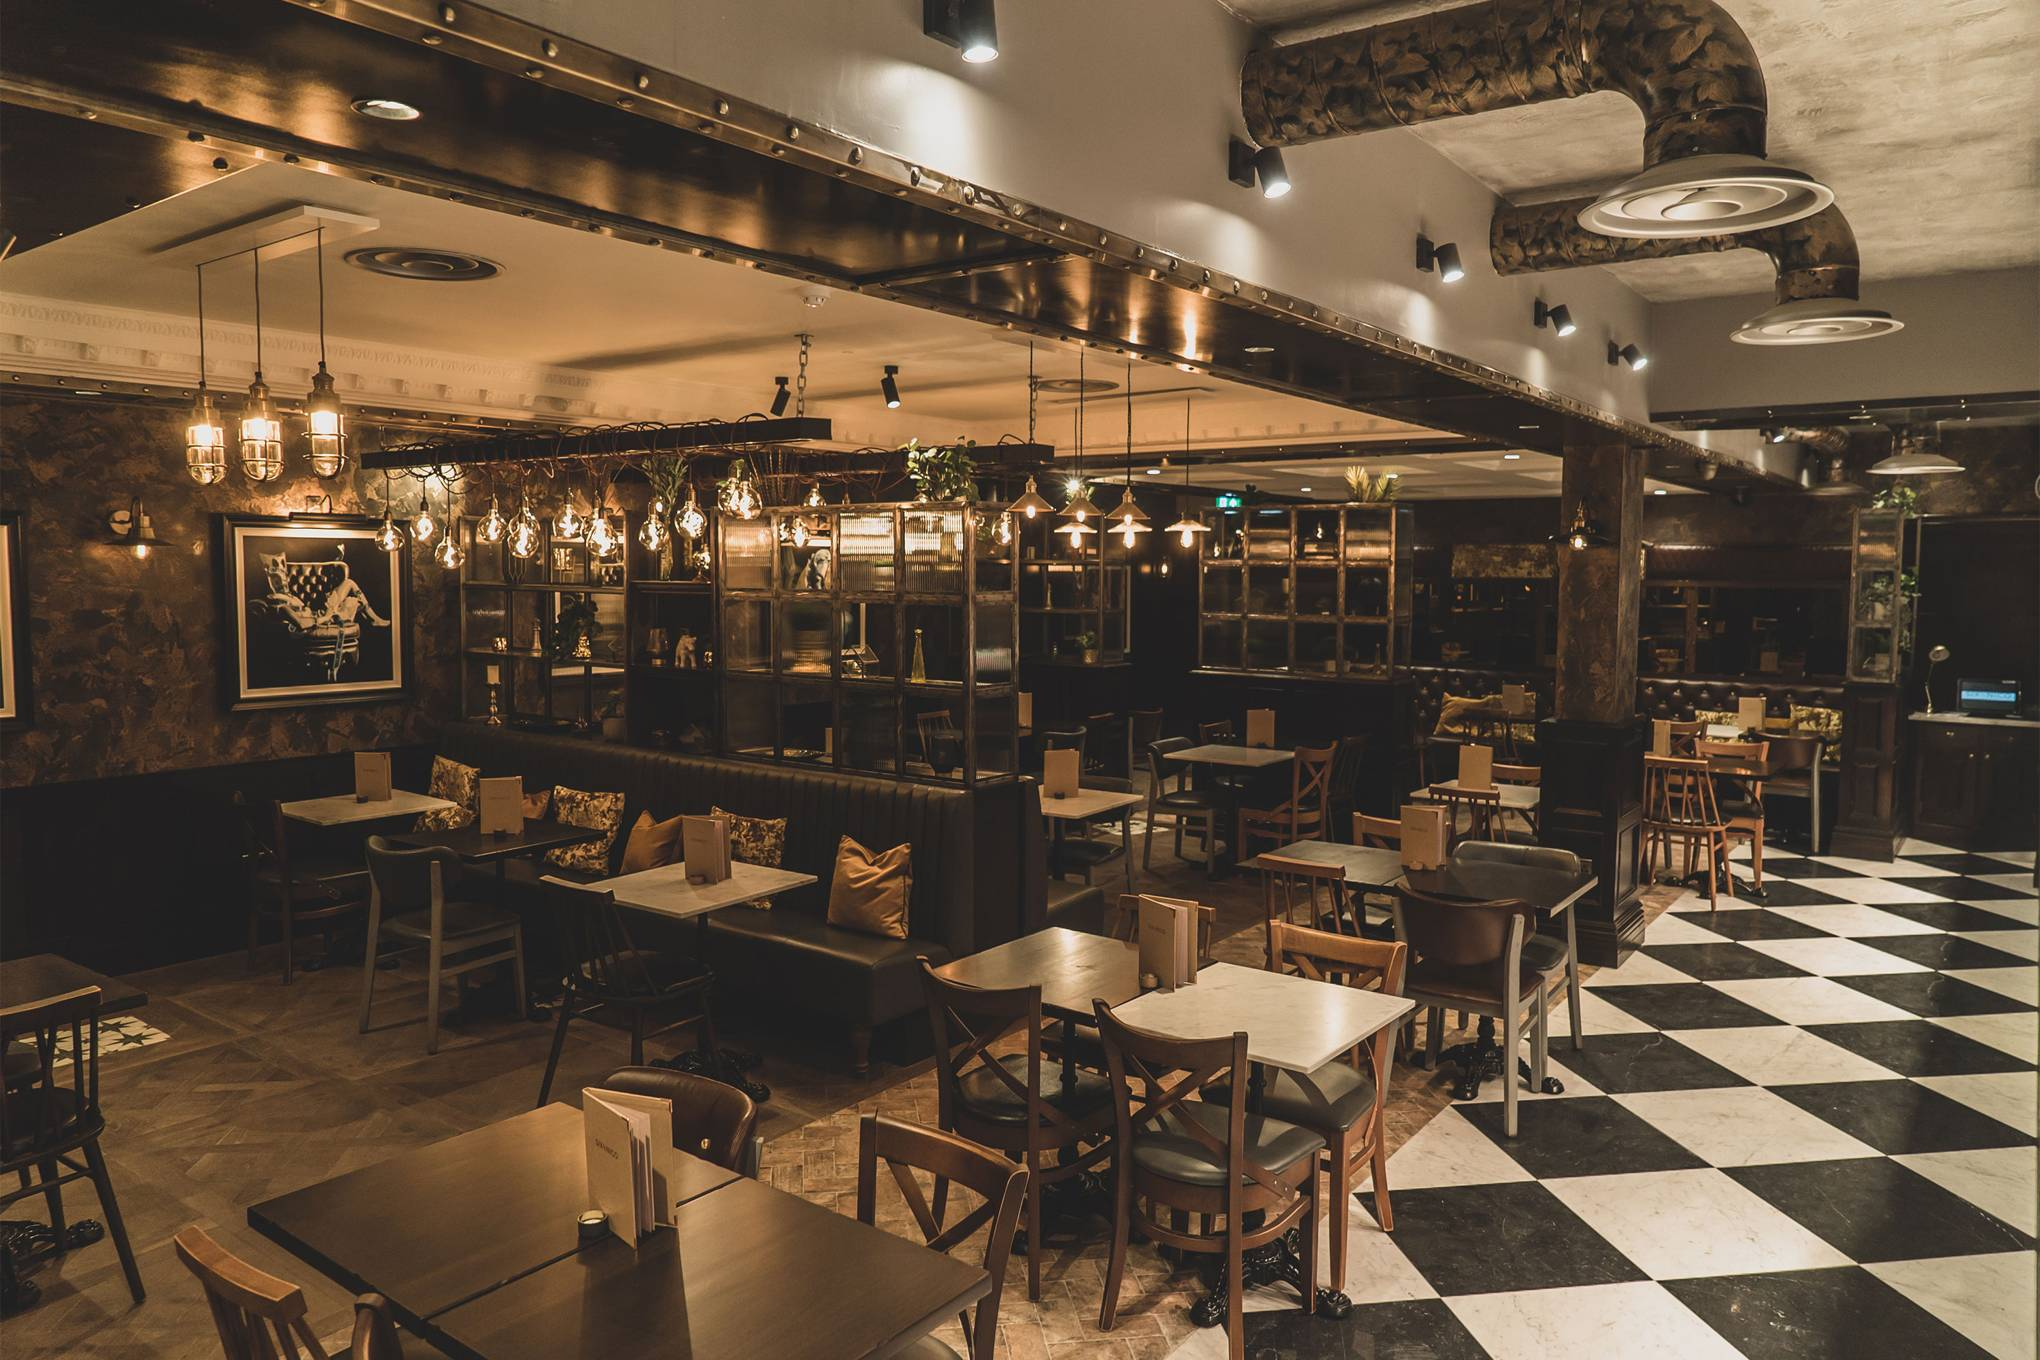 New Zealand Flag bar runner counter mat Cocktail Bars pubs